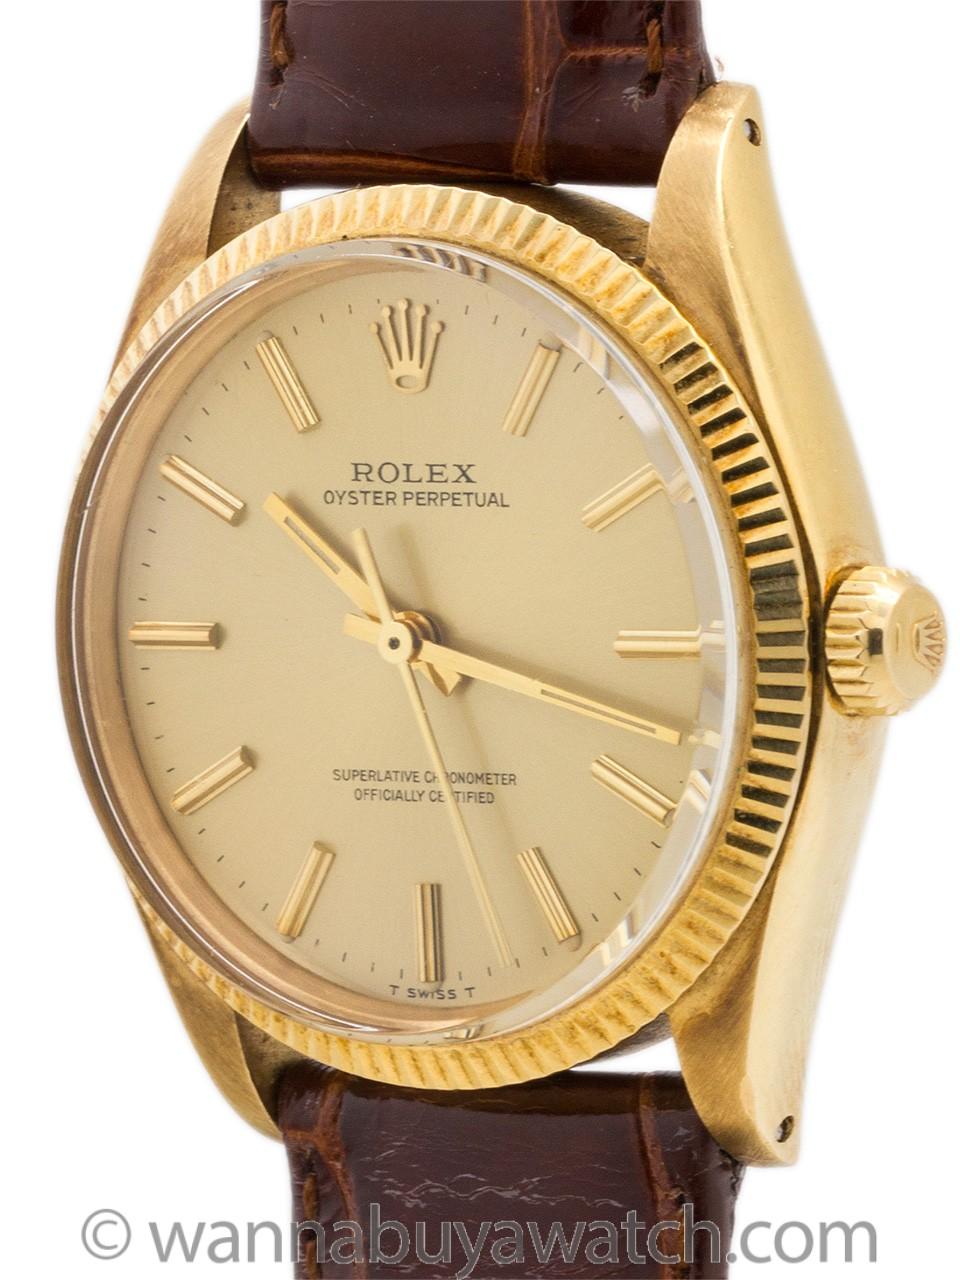 Rolex Oyster Perpetual 18K YG ref 1005 circa 1977